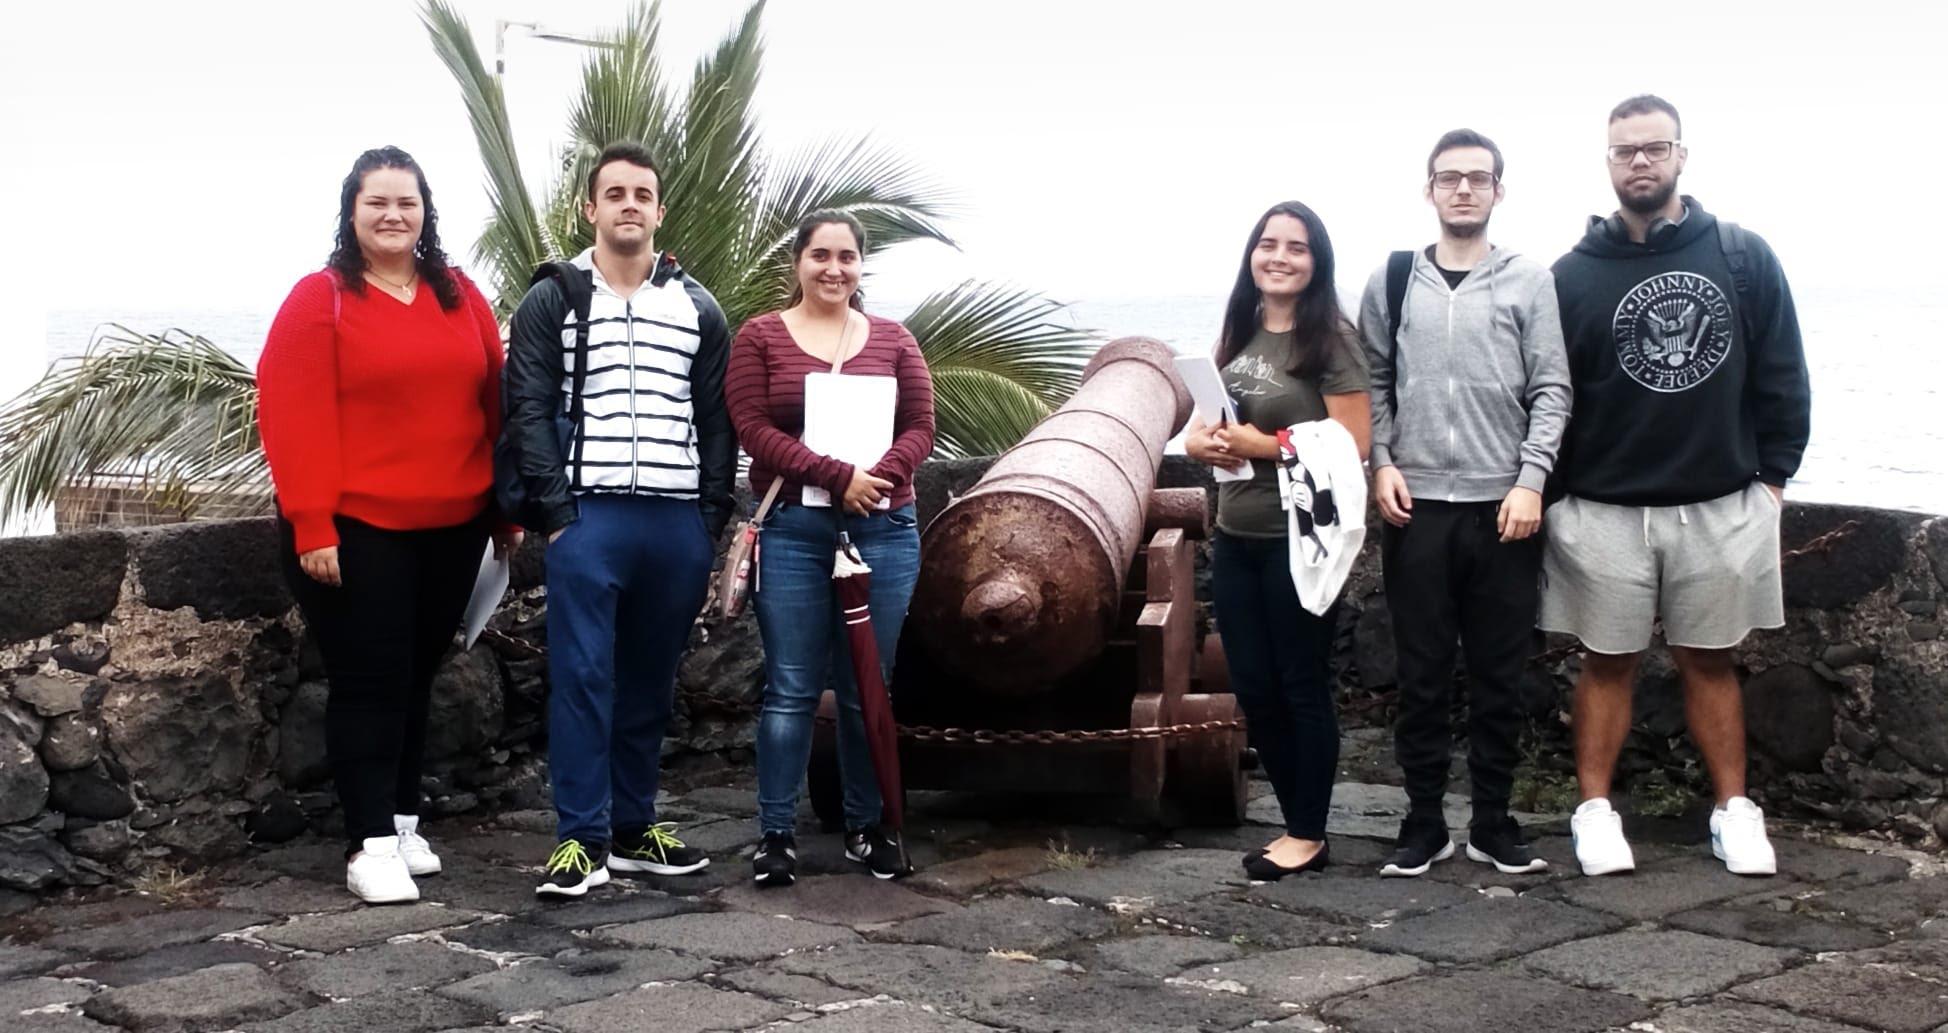 Agradecer a la Concejalía de Educación y Patrimonio Histórico de Excmo. Ayuntamiento de S/C de La Palma la organización de nuestra visita.